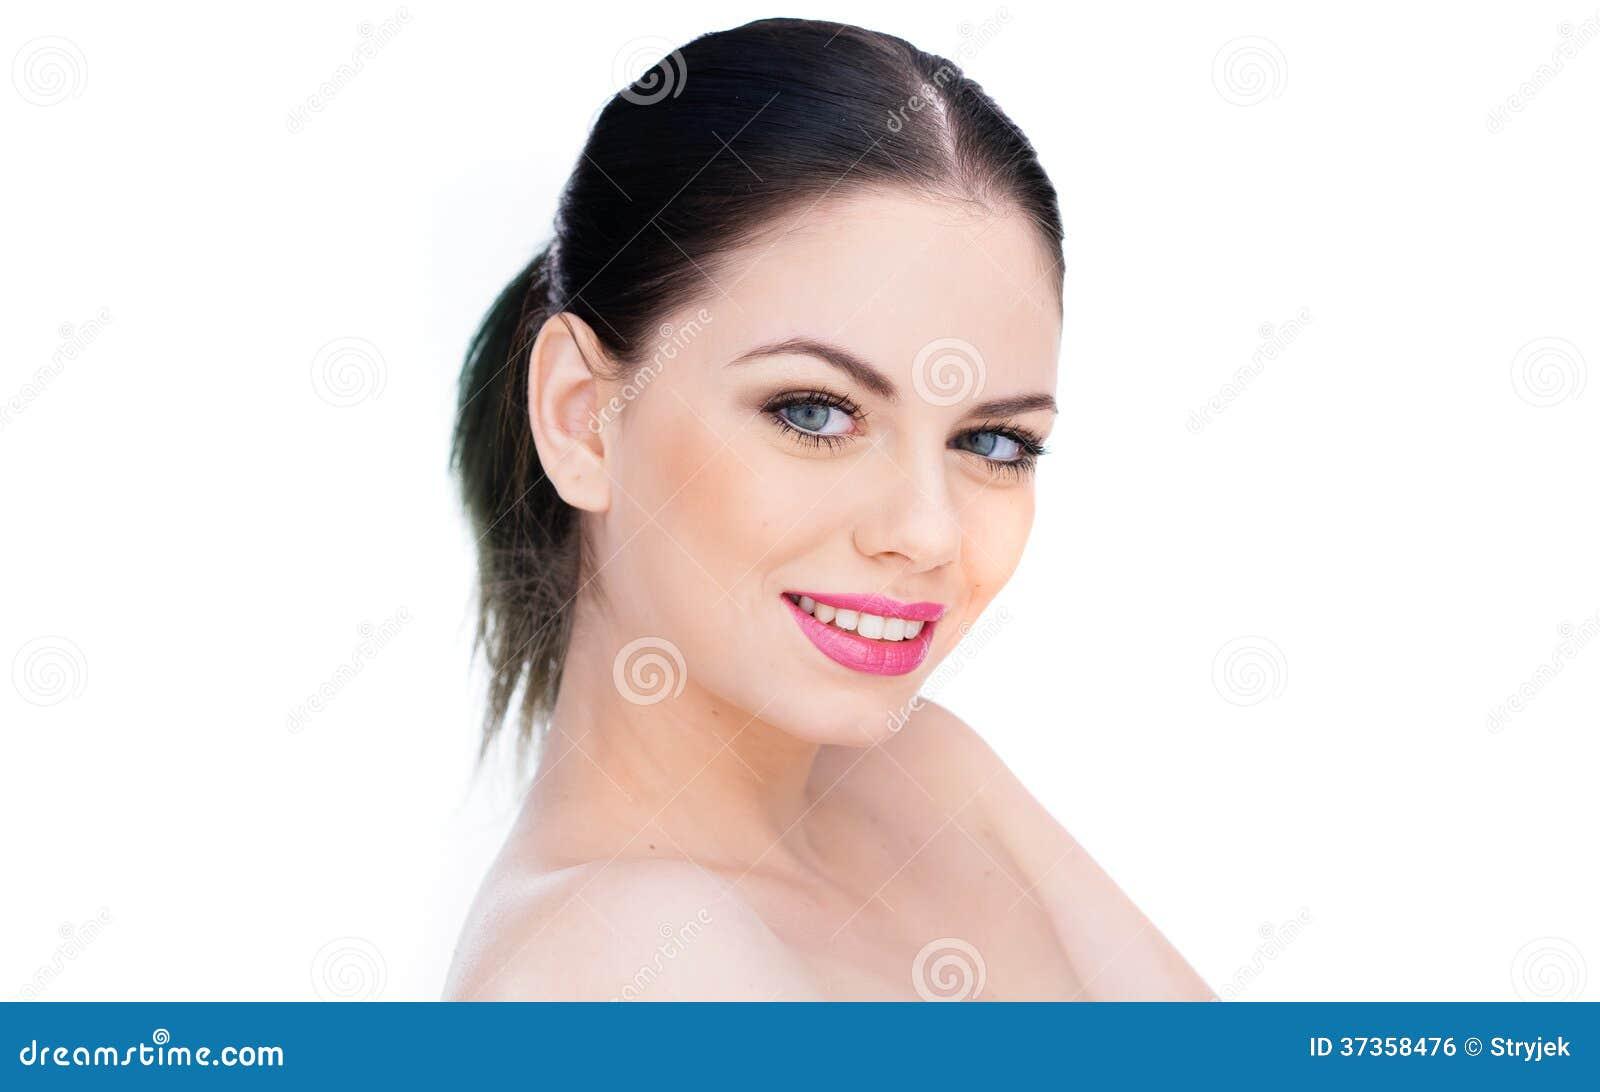 Attraktive Nackte Mit Einem Reizenden Lächeln Stockfoto